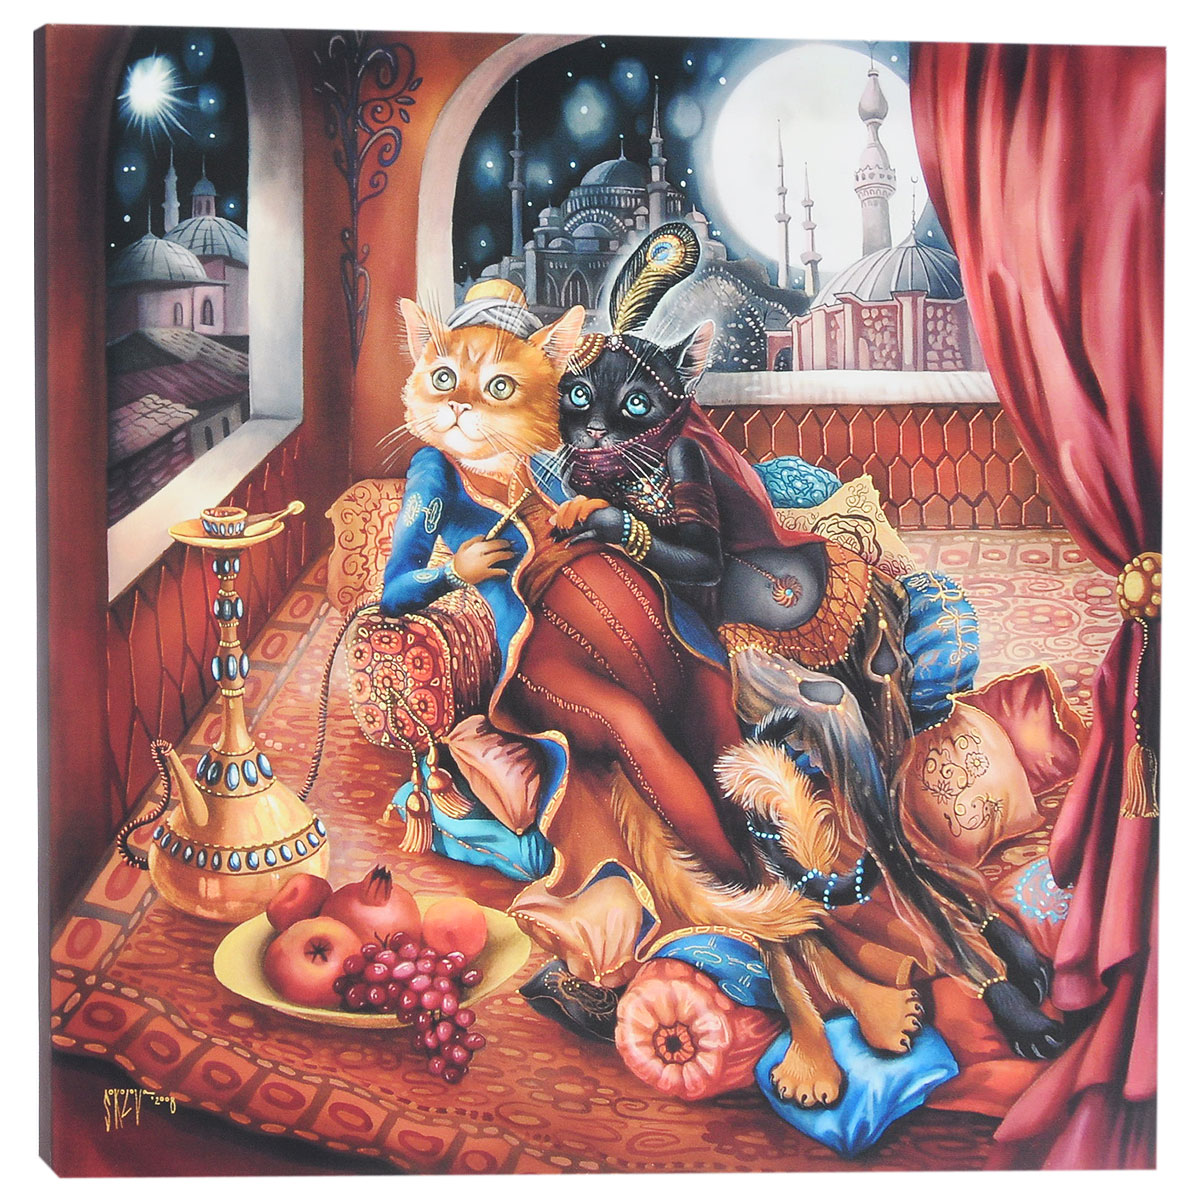 КвикДекор Картина детская Восточная сказкаRG-D31SКартина КвикДекор Восточная сказка - это прекрасное украшение для вашей гостиной, детской или спальни. Она привнесет в интерьер яркий акцент и сделает обстановку комфортной и уютной.Автор картины - Надежда Соколова - родилась в 1973 году в городе Дрездене. В 1986-1990 годах училась в Художественной школе города Новгорода. В 1995 году окончила с отличием рекламное отделение Новгородского училища культуры. В 2000 году защитила диплом на факультете Искусств и Технологий НовГУ имени Ярослава Мудрого. Выставляется с 1996 года. Работает в техниках: живопись, графика, батик, лаковая миниатюра, авторская кукла. Является автором оригинального стиля в миниатюре.Изделие представляет собой картину с латексной печатью на натуральном хлопчатобумажном холсте. Галерейная натяжка на деревянный подрамник выполнена очень аккуратно, а боковые части картины запечатаны тоновой заливкой. Обратная сторона подрамника содержит отверстие, благодаря которому картину можно легко закрепить на стене и подкорректировать ее положение.Картина Восточная сказка станет отличным украшением любого помещения, а также оригинальным подарком родным и близким.